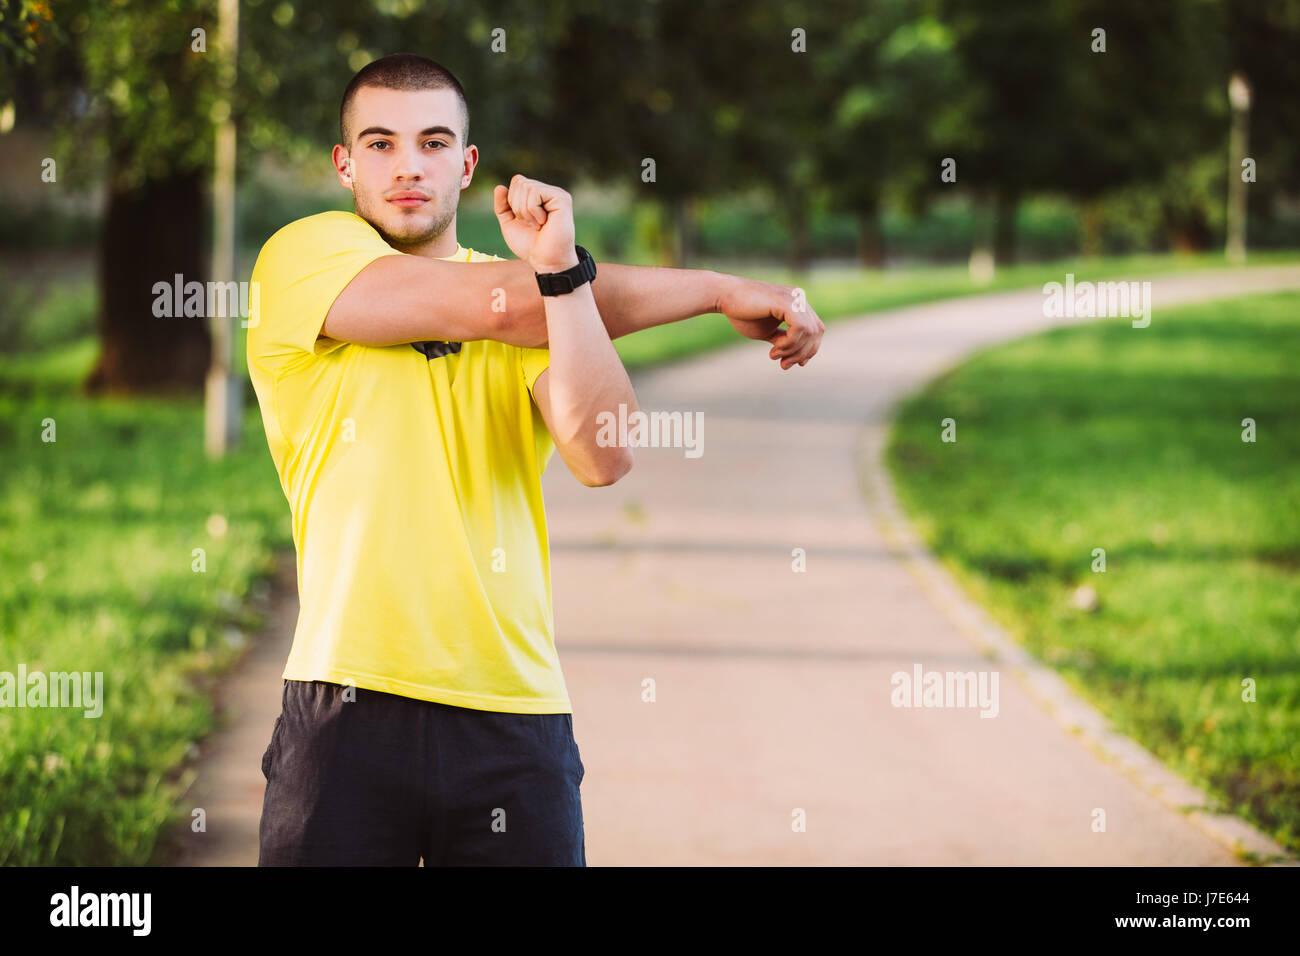 Sporty muscle ramrod bear